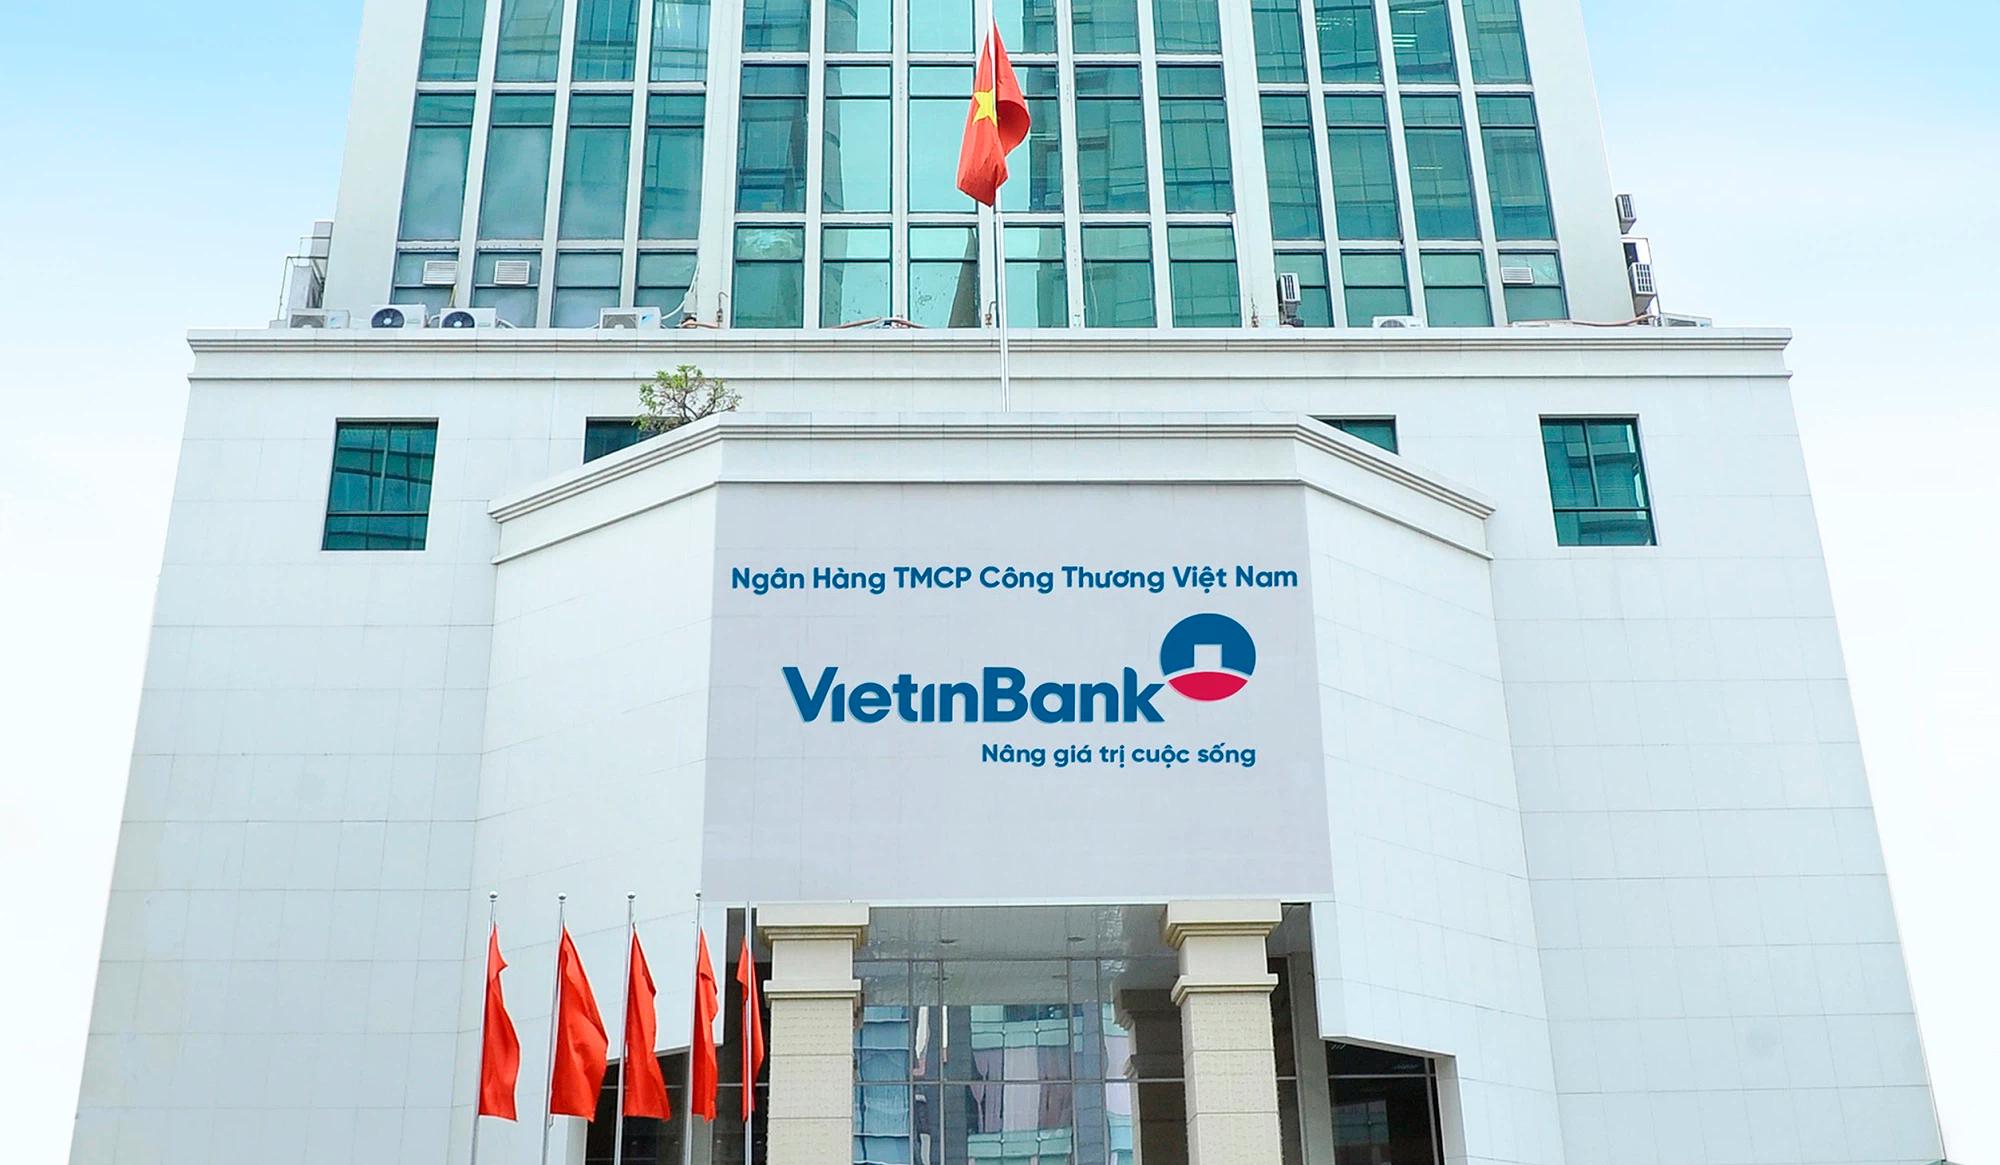 KBSV: VietinBank đang hoàn tất thoái bớt vốn tại công ty quản lý quỹ, dự kiến bán 15% vốn công ty chứng khoán - Ảnh 1.